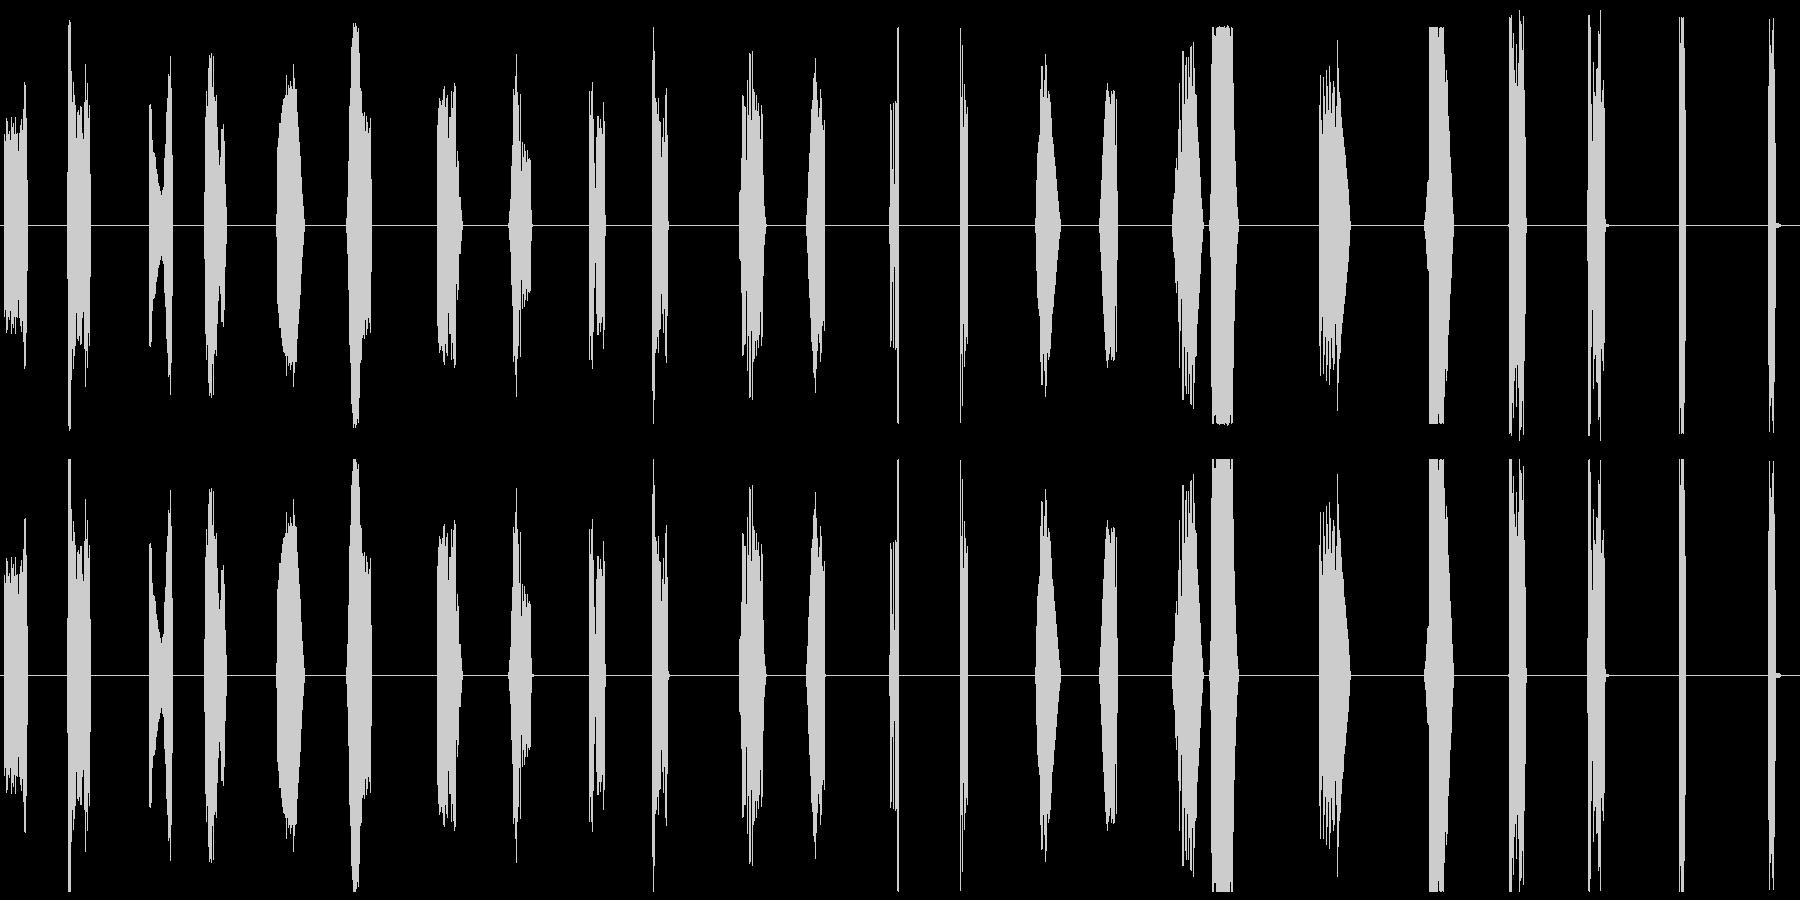 【SFなコンピュータ操作とアラート音】の未再生の波形